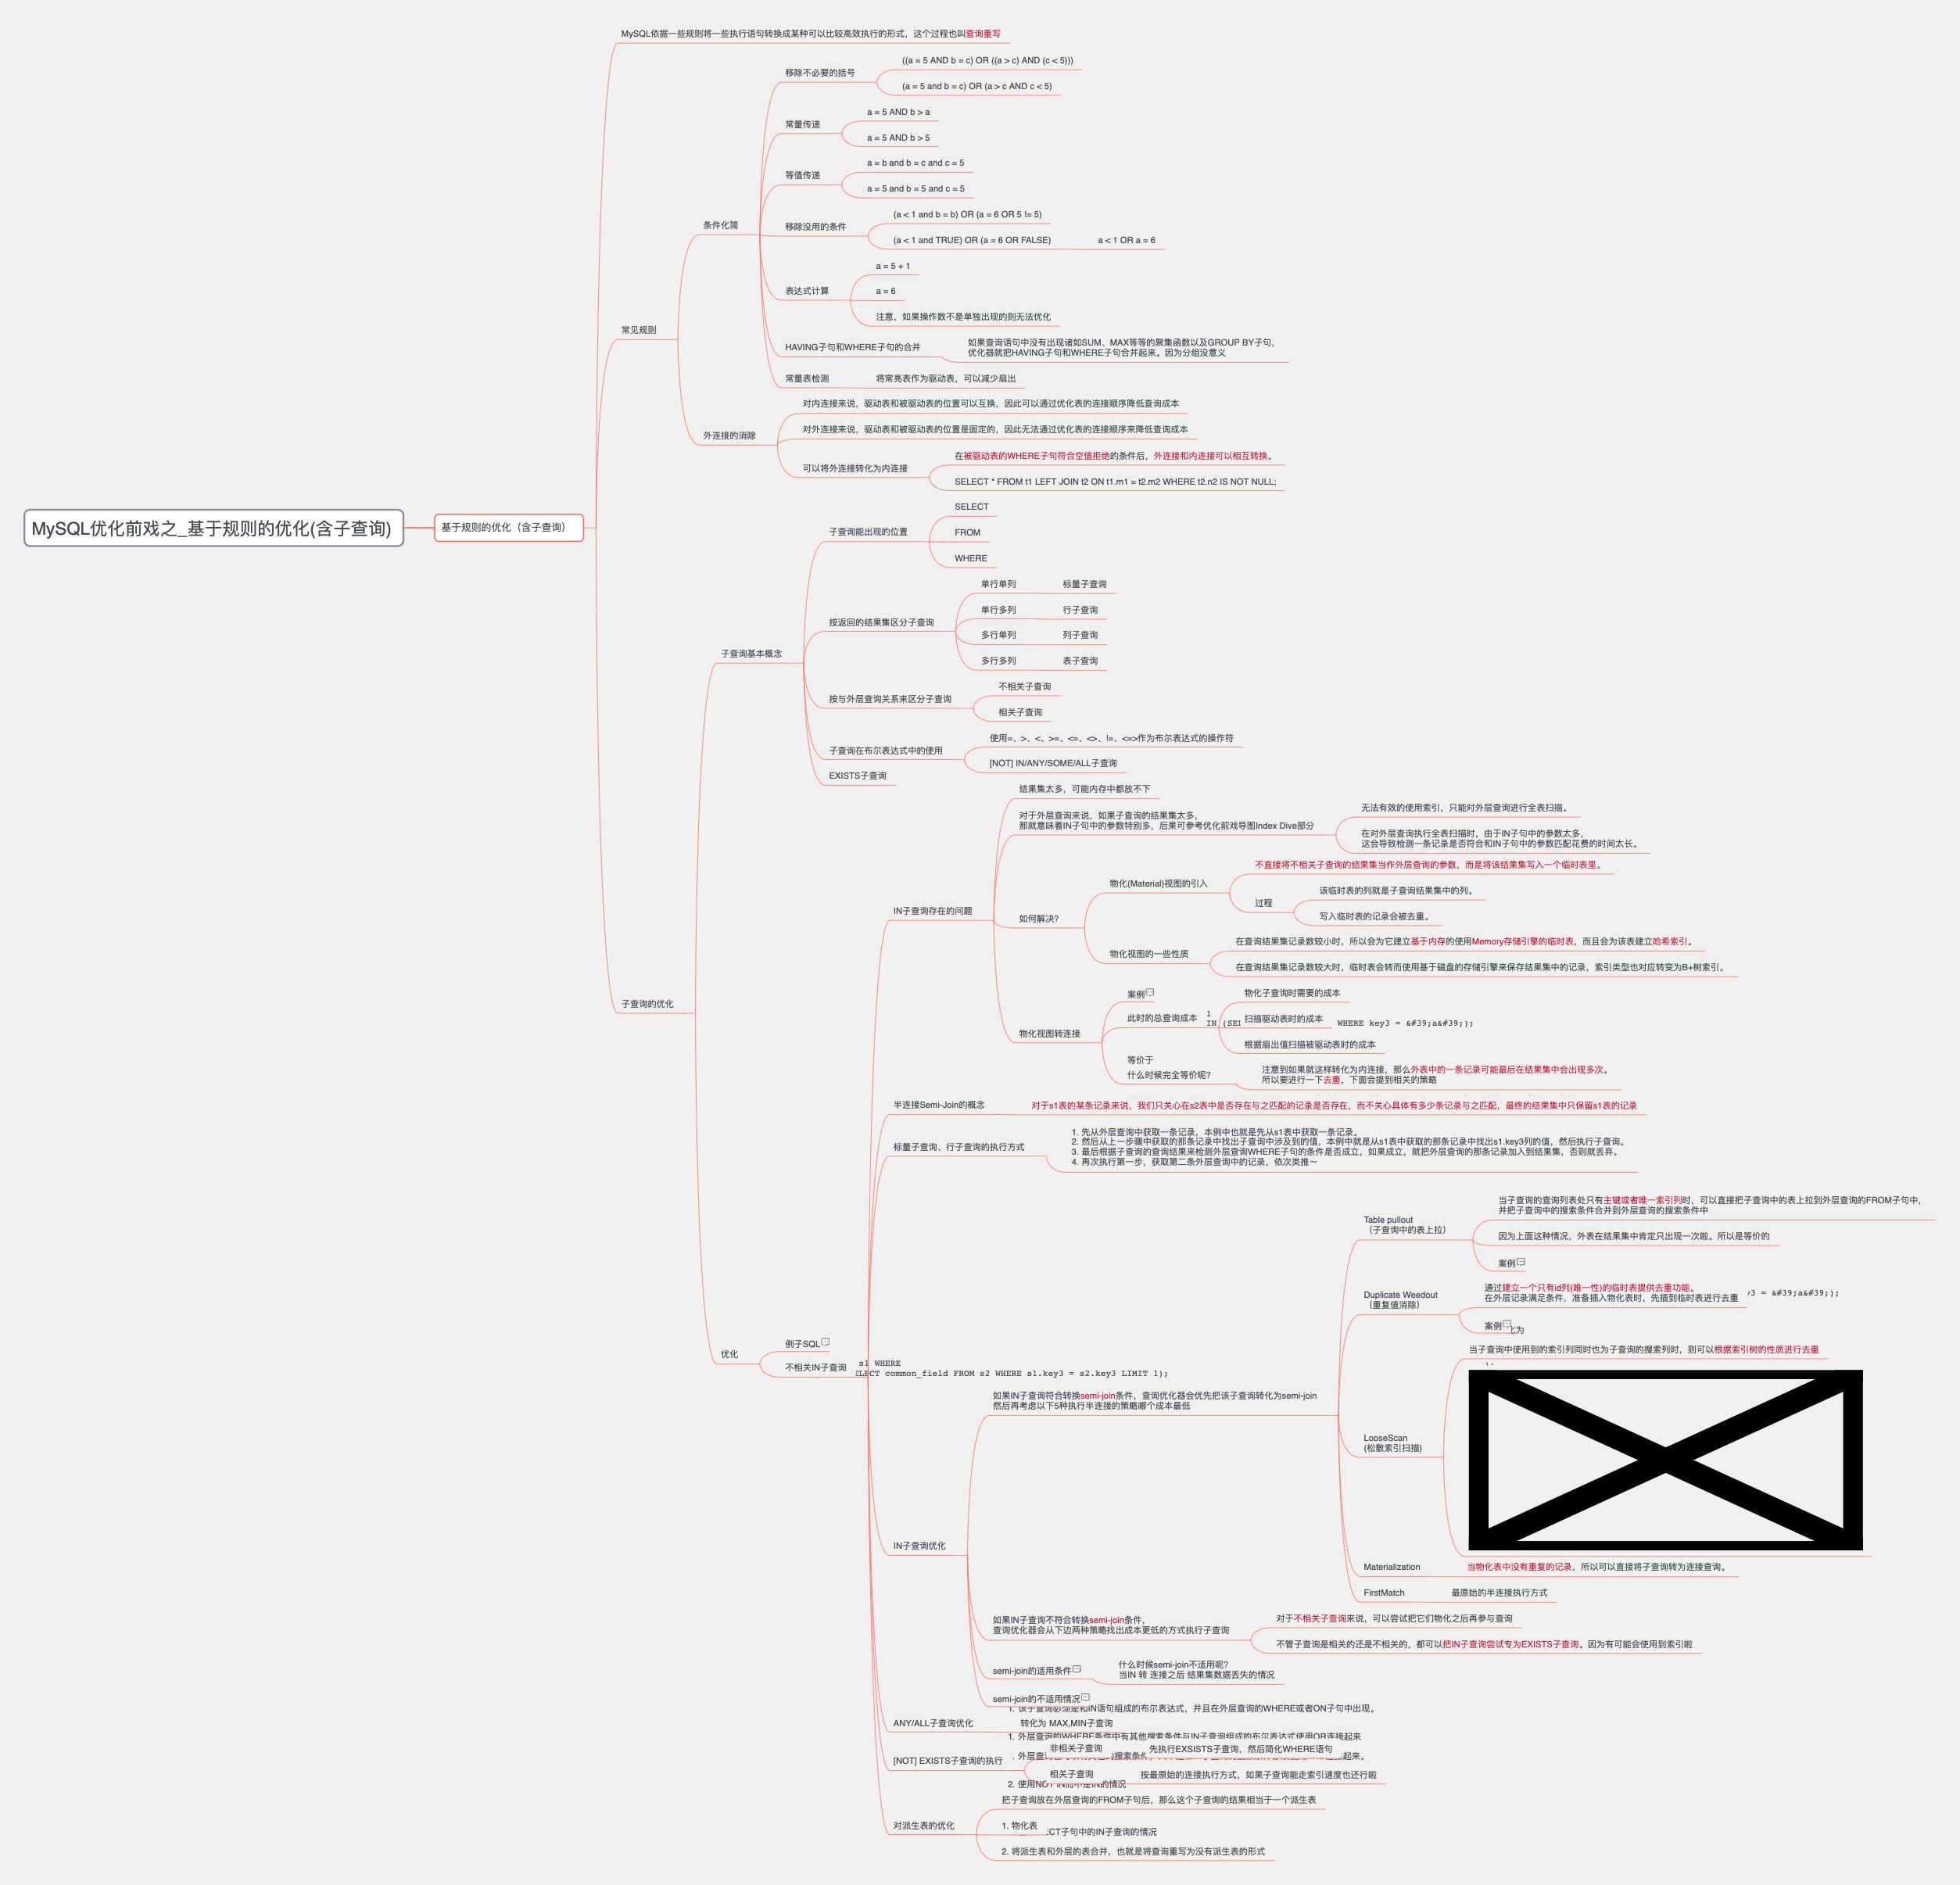 MySQL优化前戏之_基于规则的优化(含子查询)